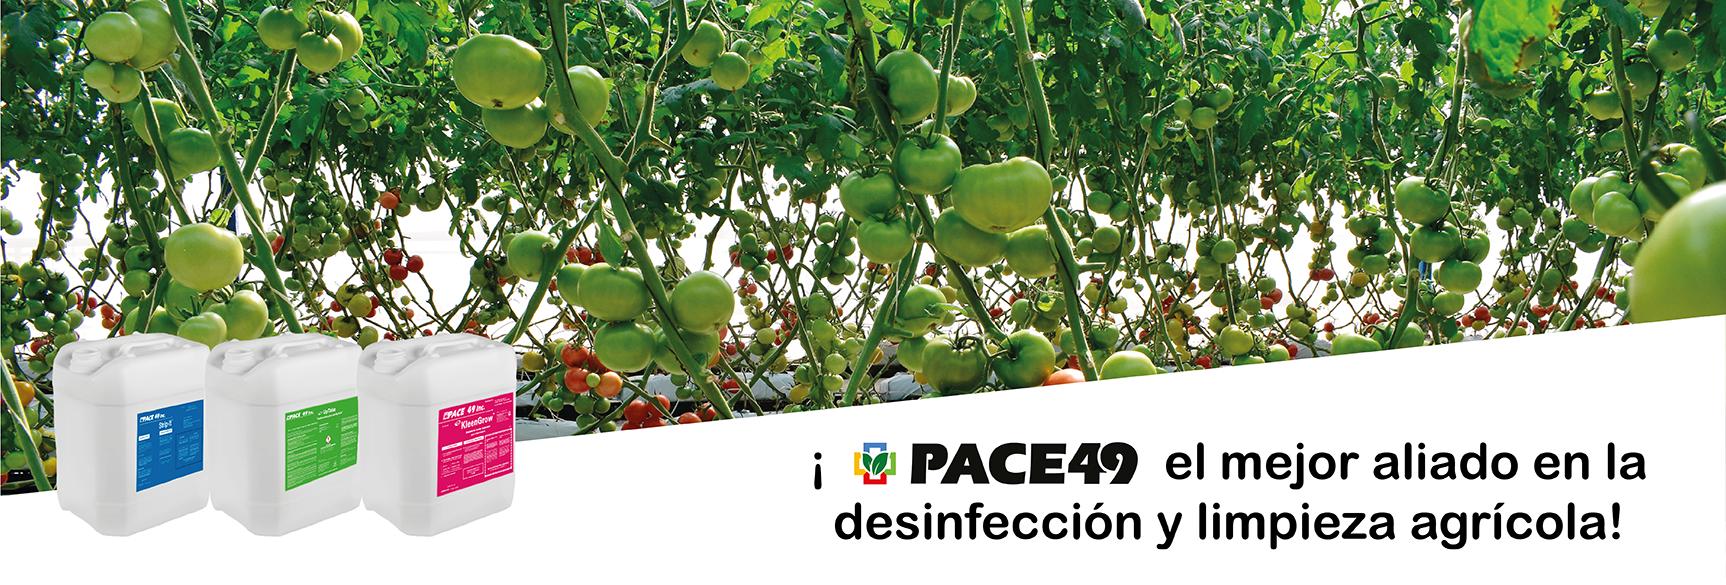 Pace-PaginaWebInicio-01